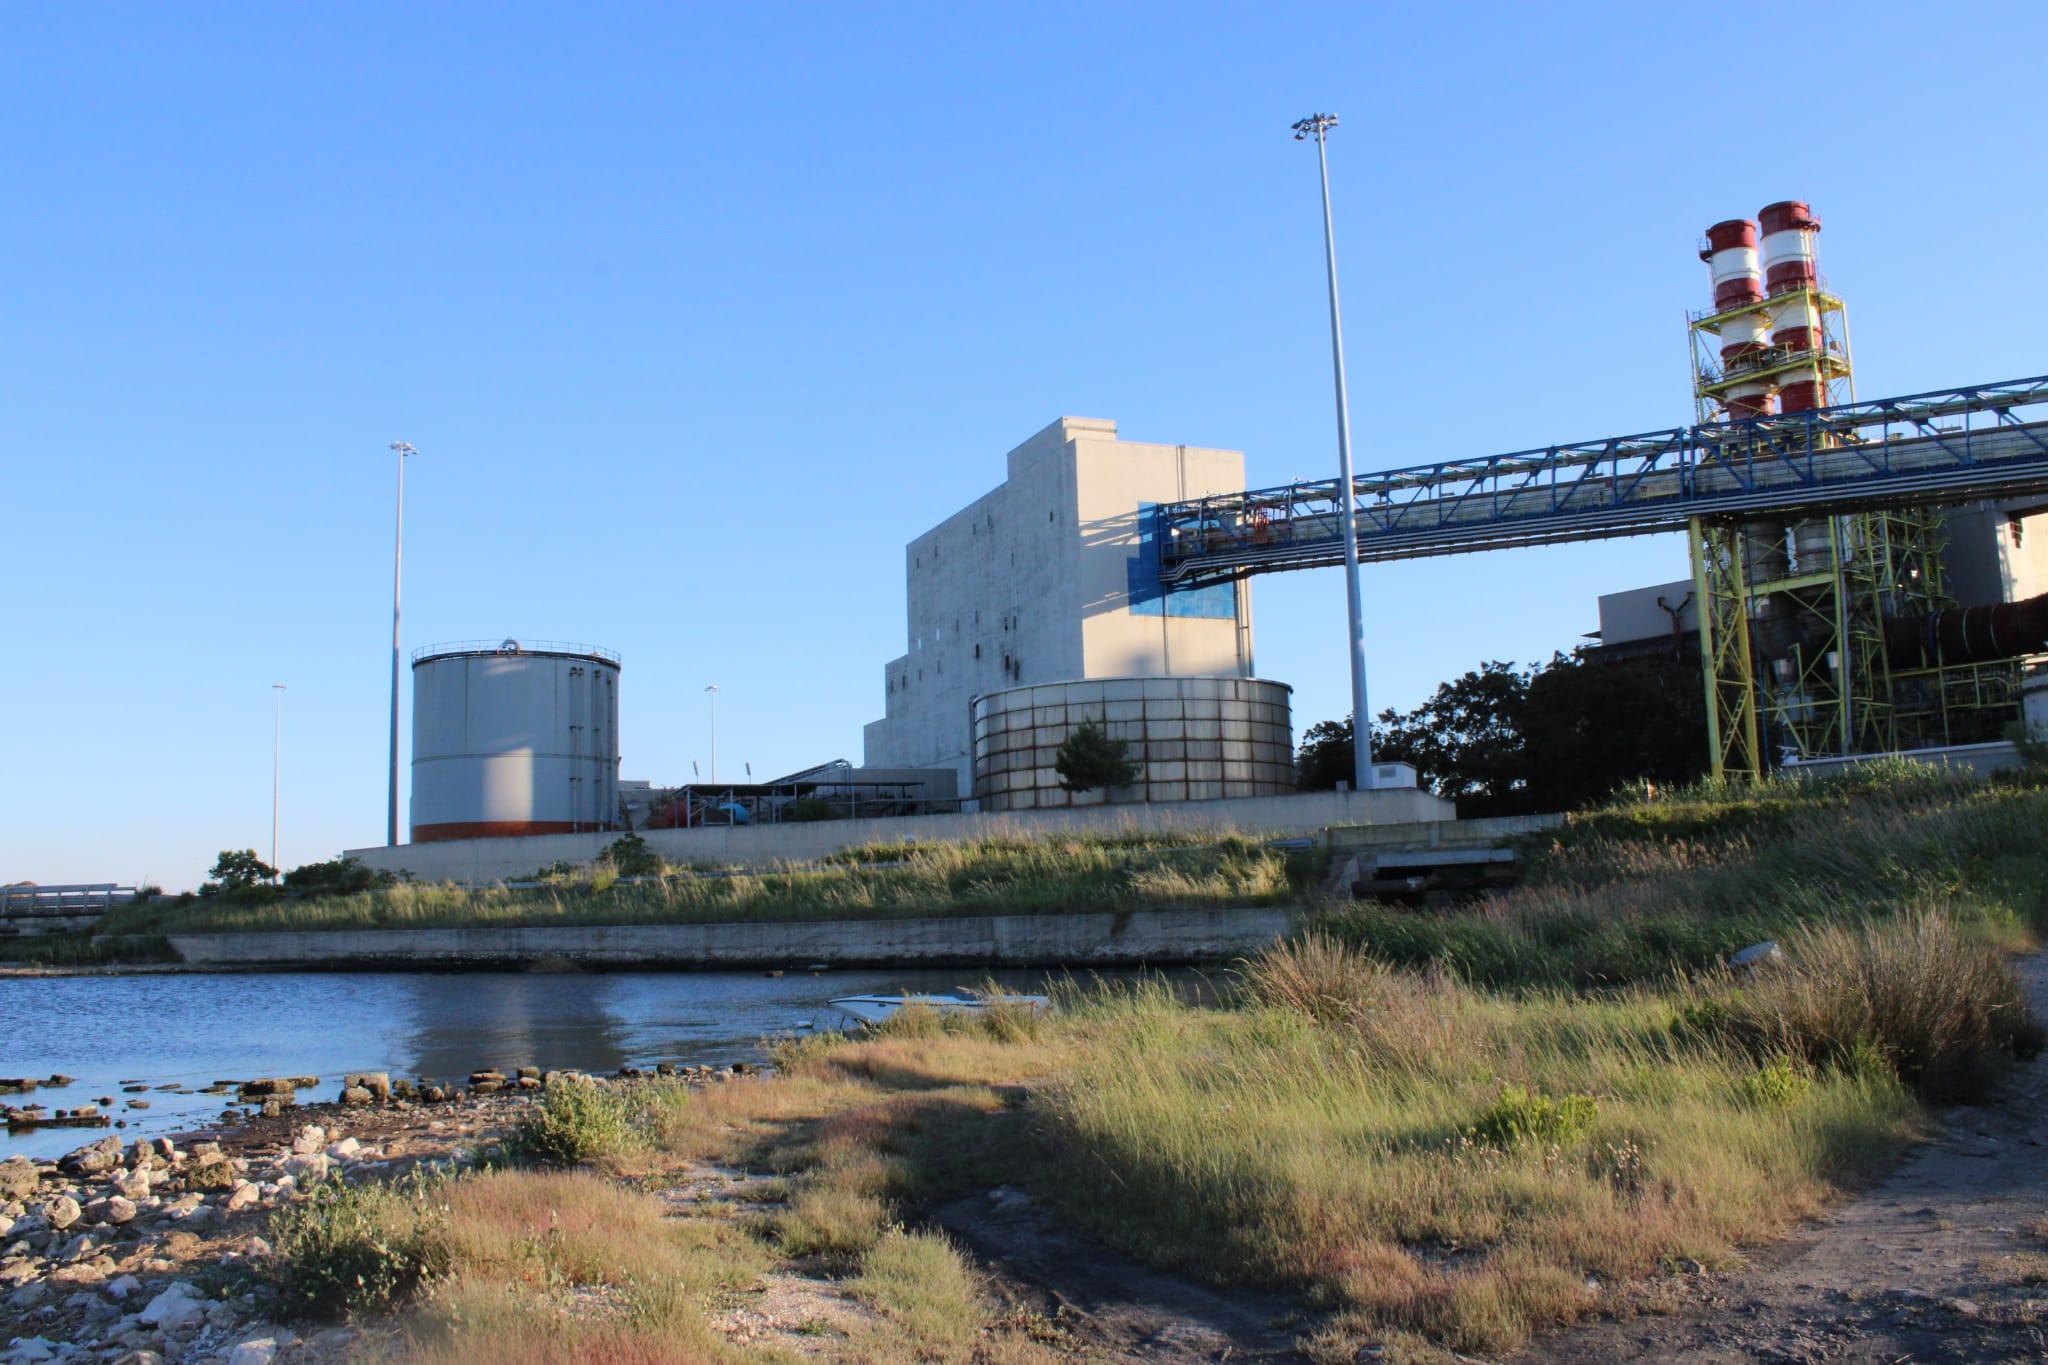 Colpo di scena: il progetto di conversione a gas della centrale A2A verso la bocciatura